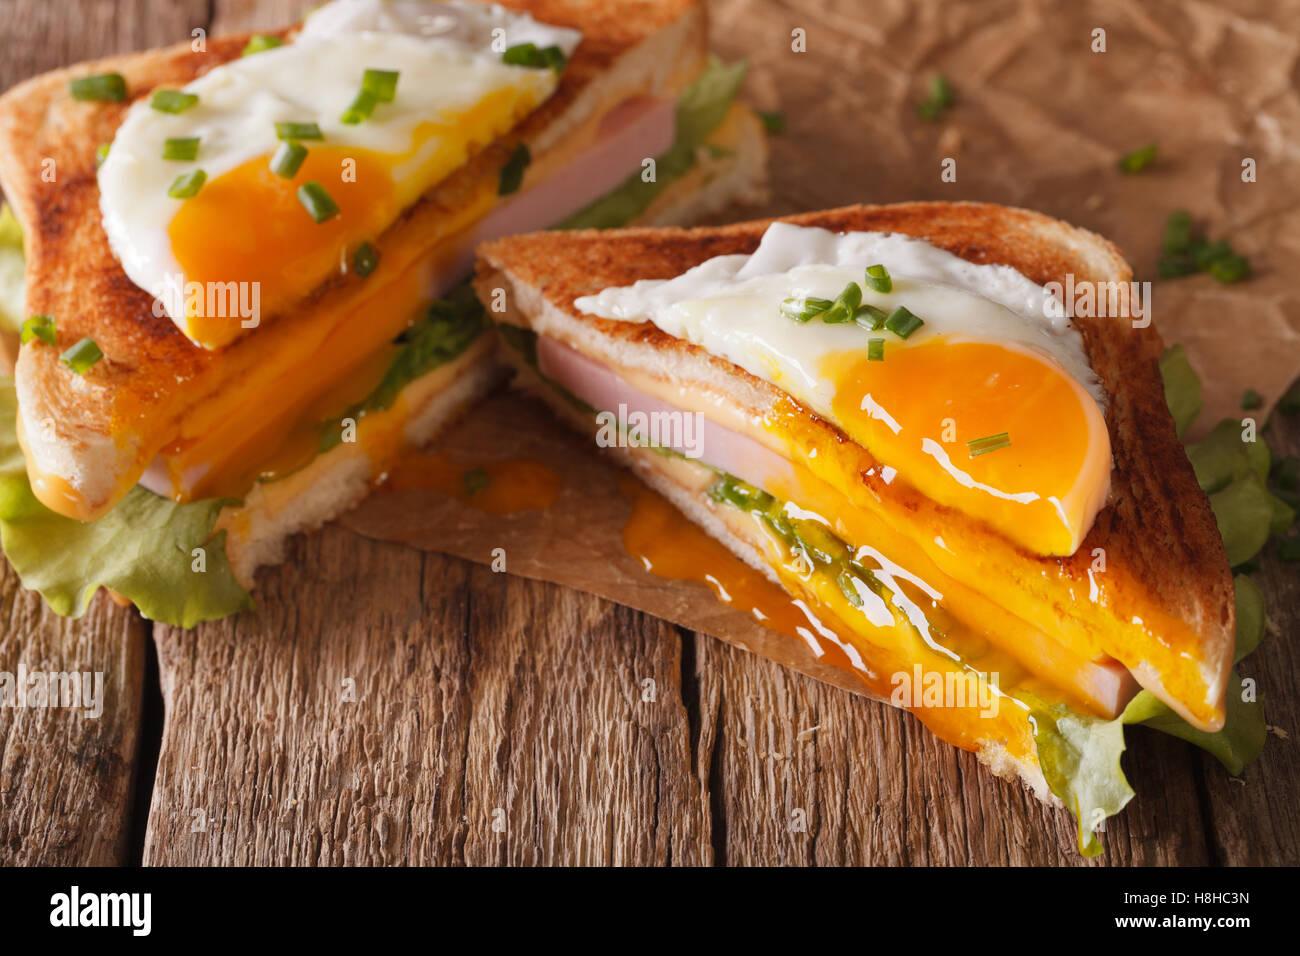 Cortar sandwich con huevo frito, jamón y queso de cerca en el papel sobre la mesa horizontal. Imagen De Stock